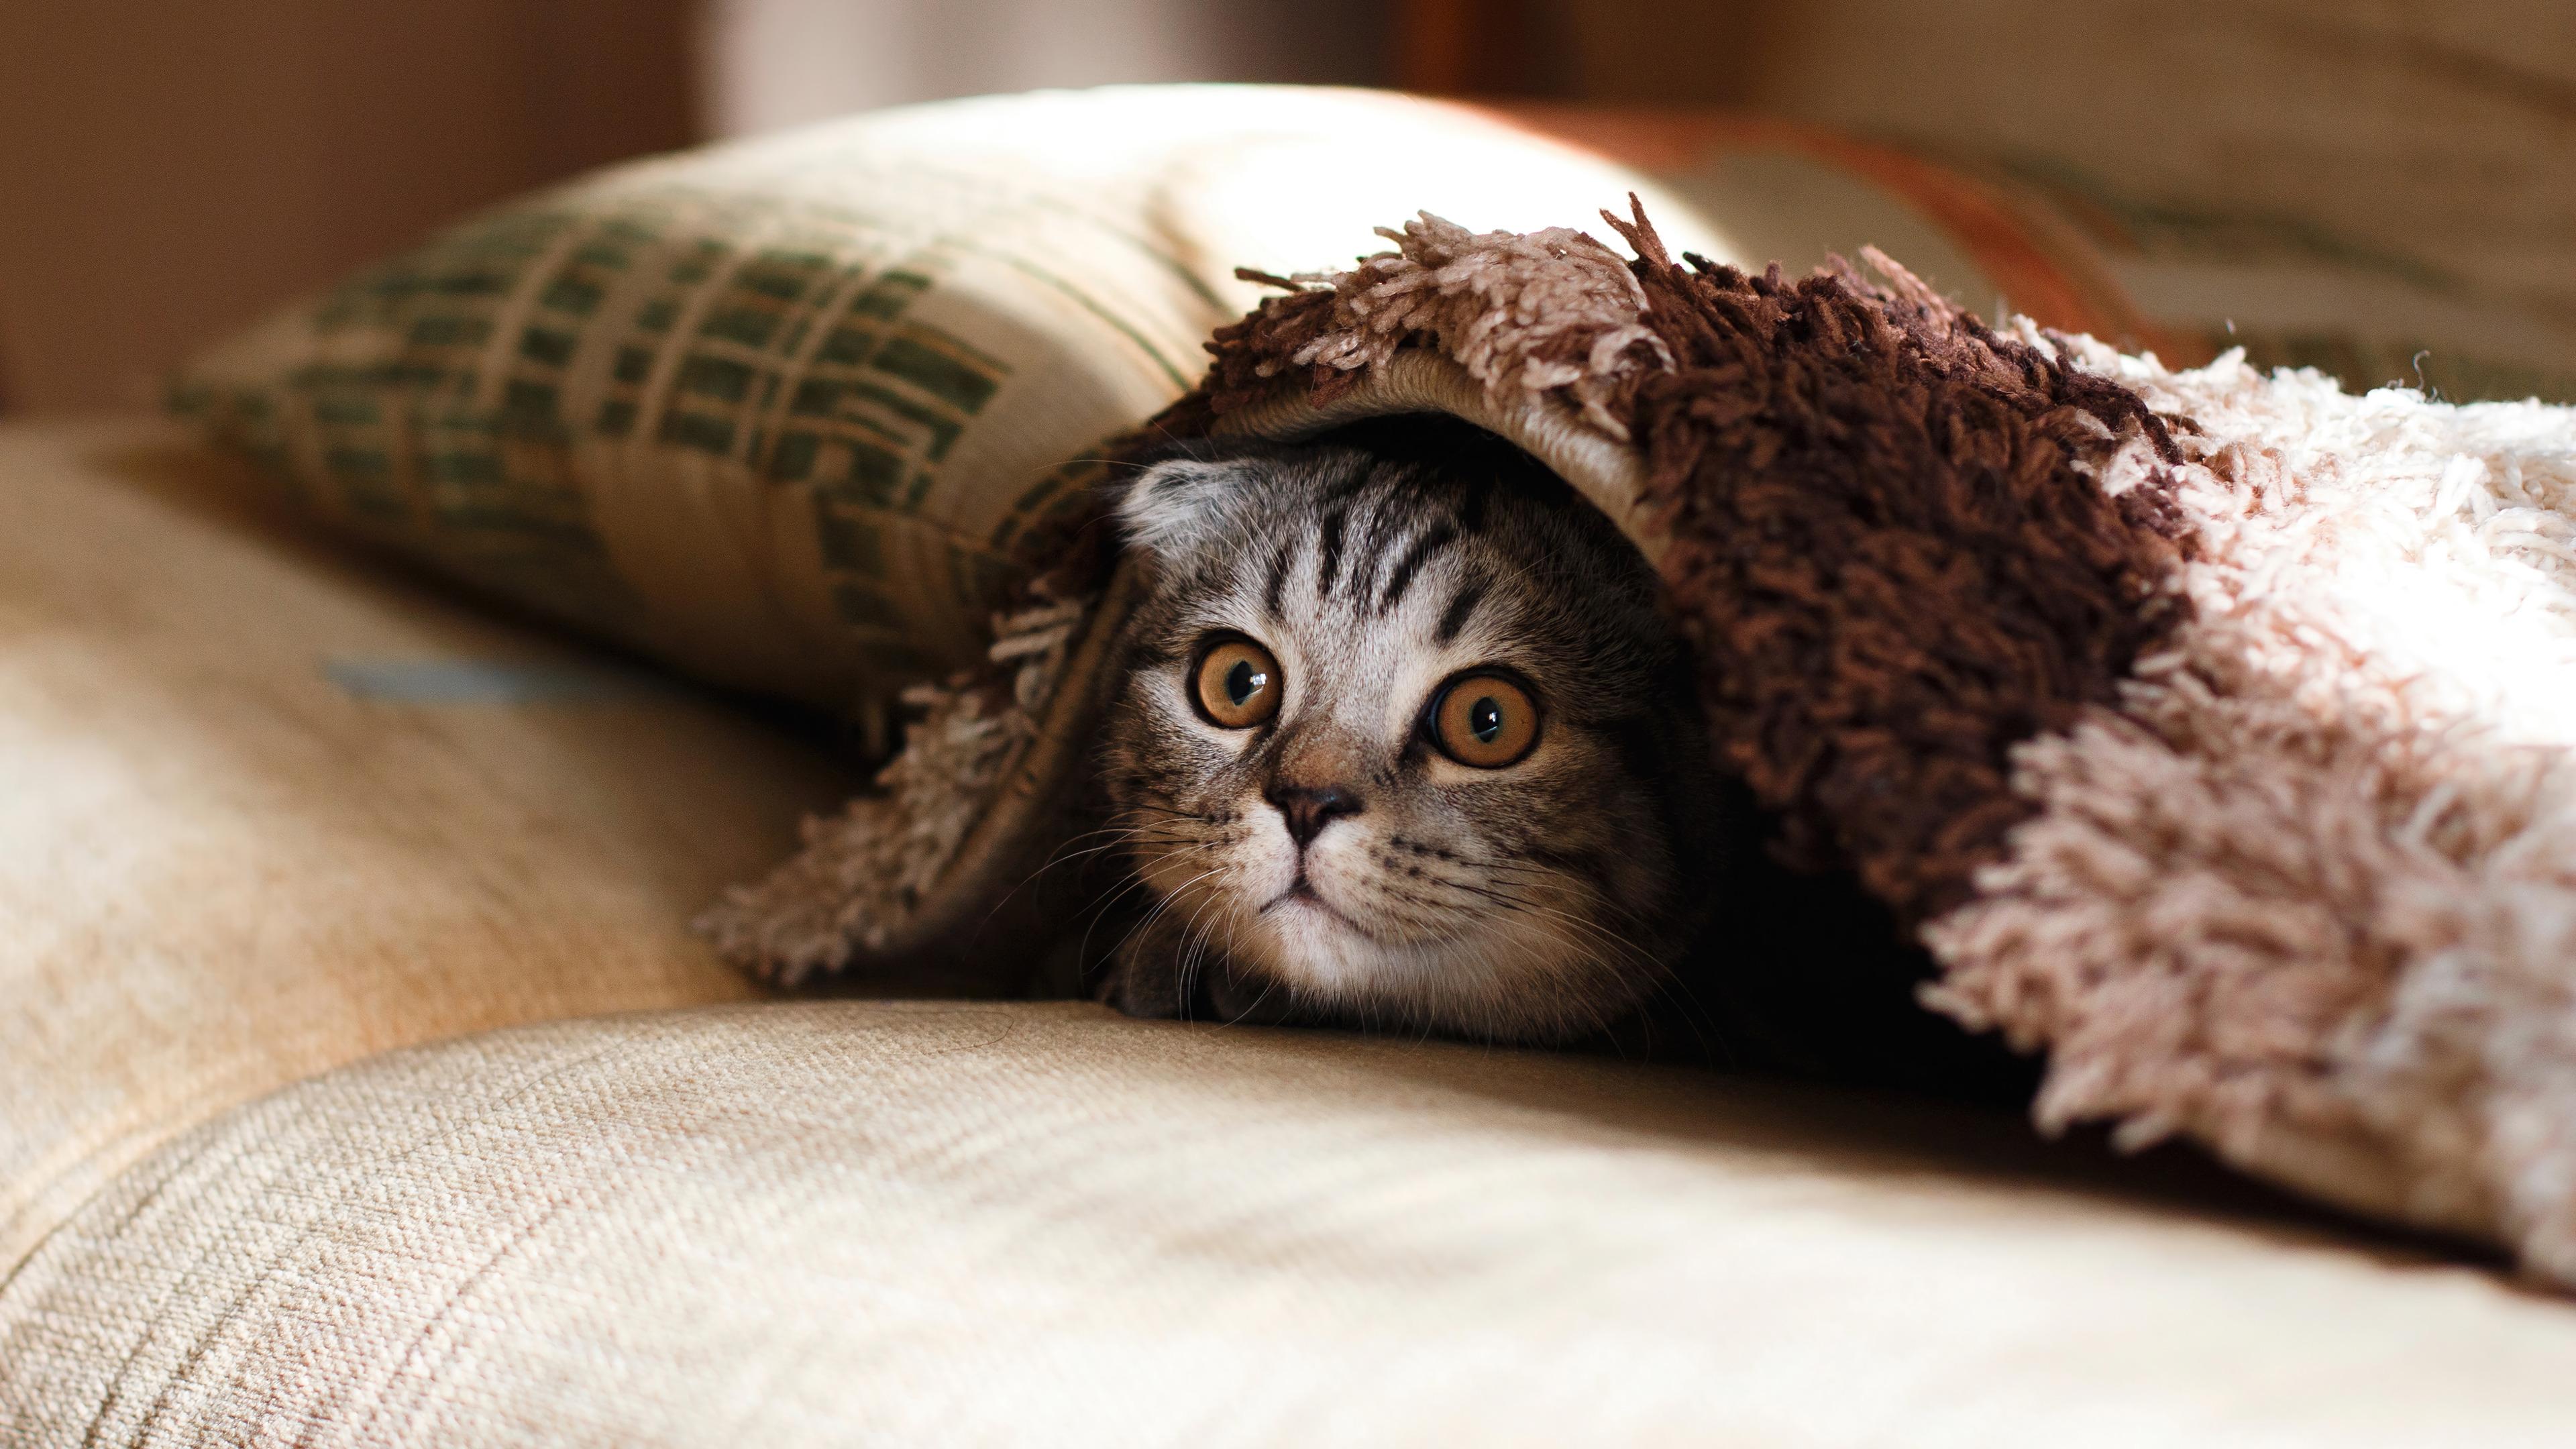 Fondos de pantalla Gato escondiendose en cobijas